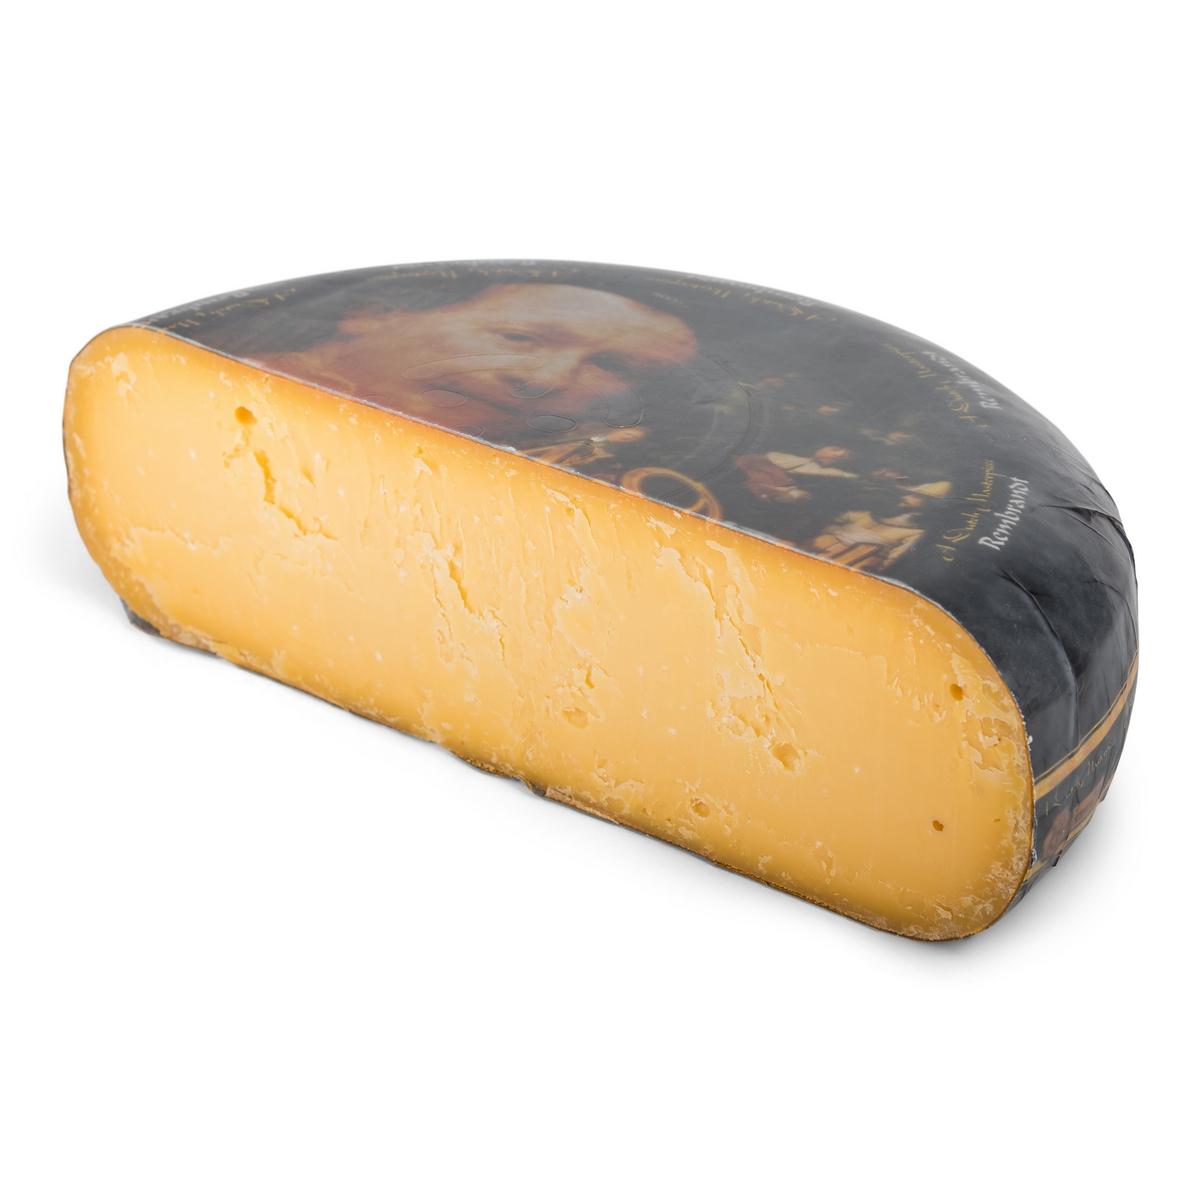 Ikäinen juusto (+/- 10-12 kuukausi kypsytetty)